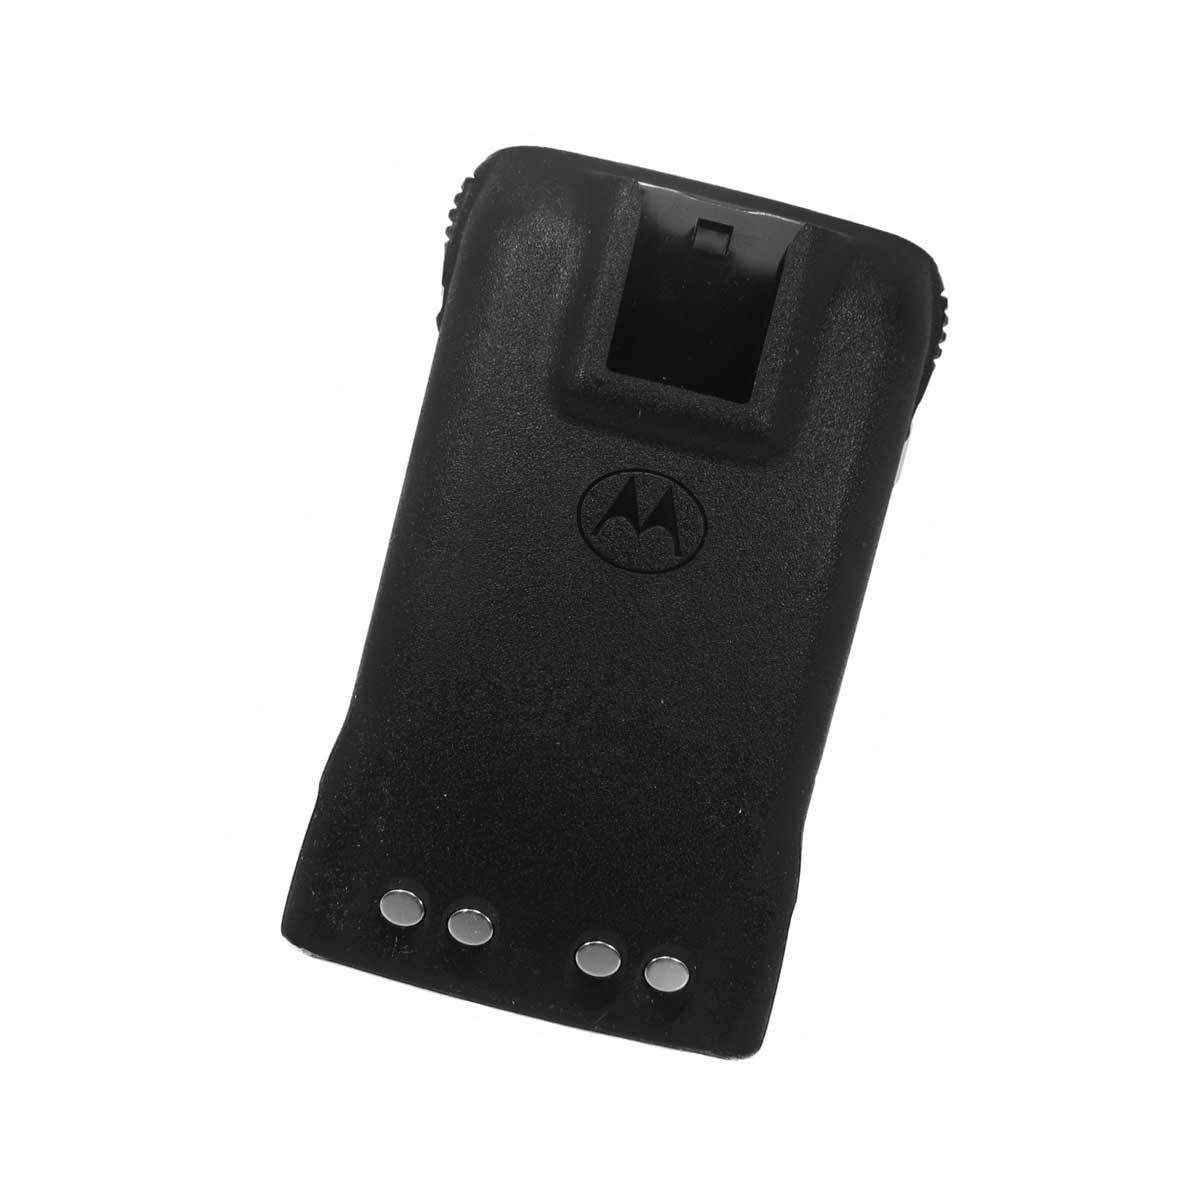 Batería NiMH 2000mAh Motorola de Alta Capacidad NTN9857 IMPRES